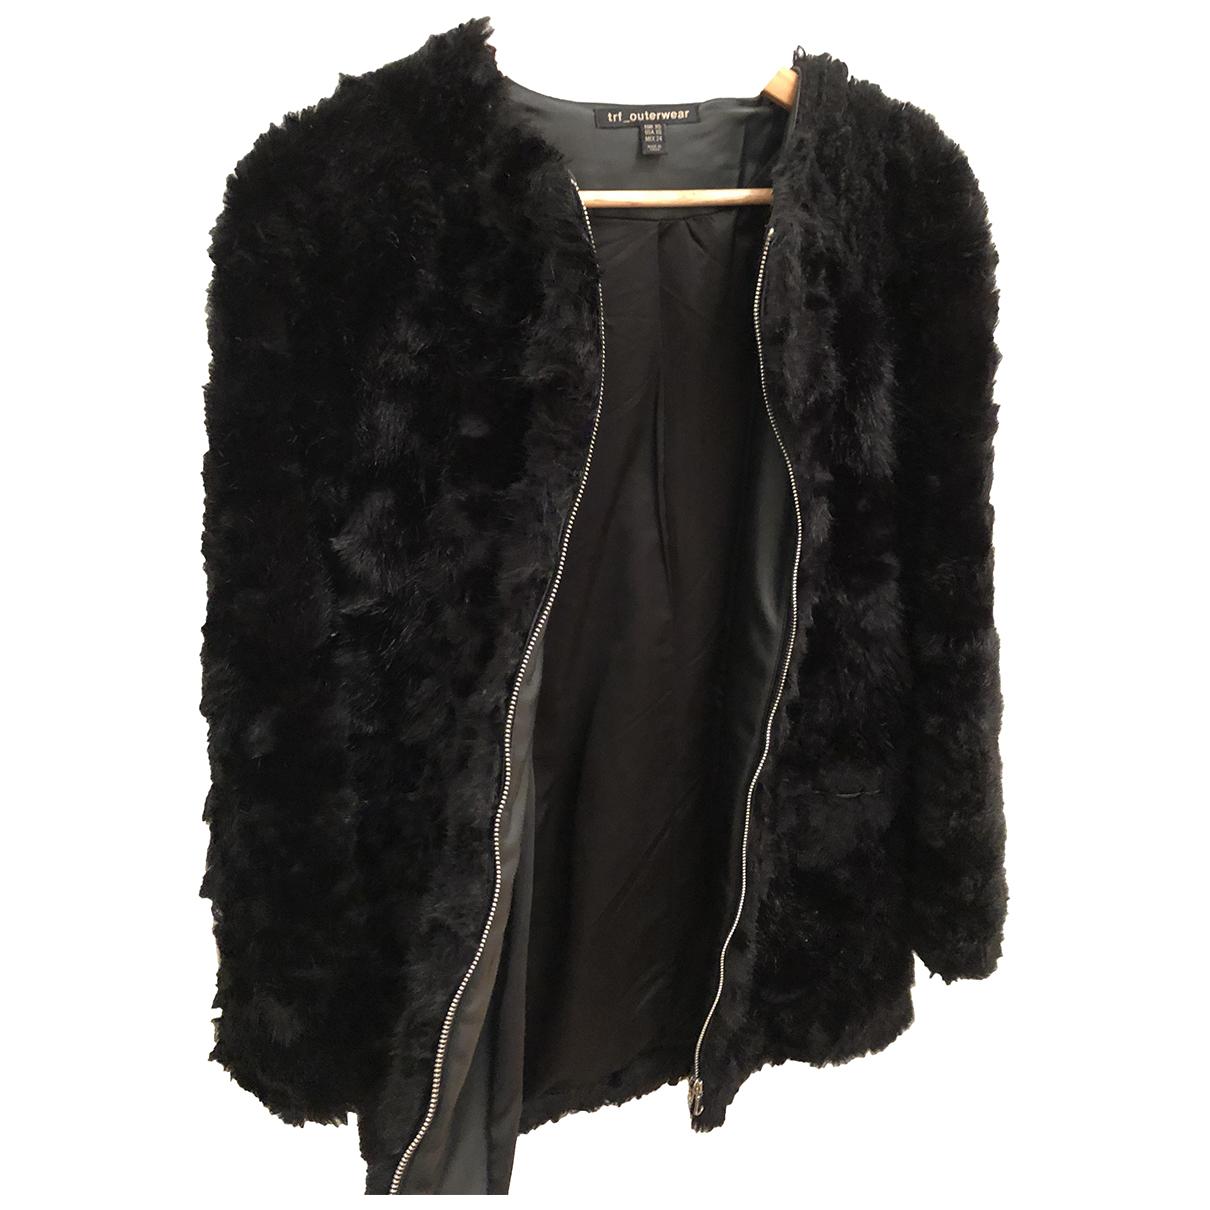 Zara N Black coat for Women 36 IT